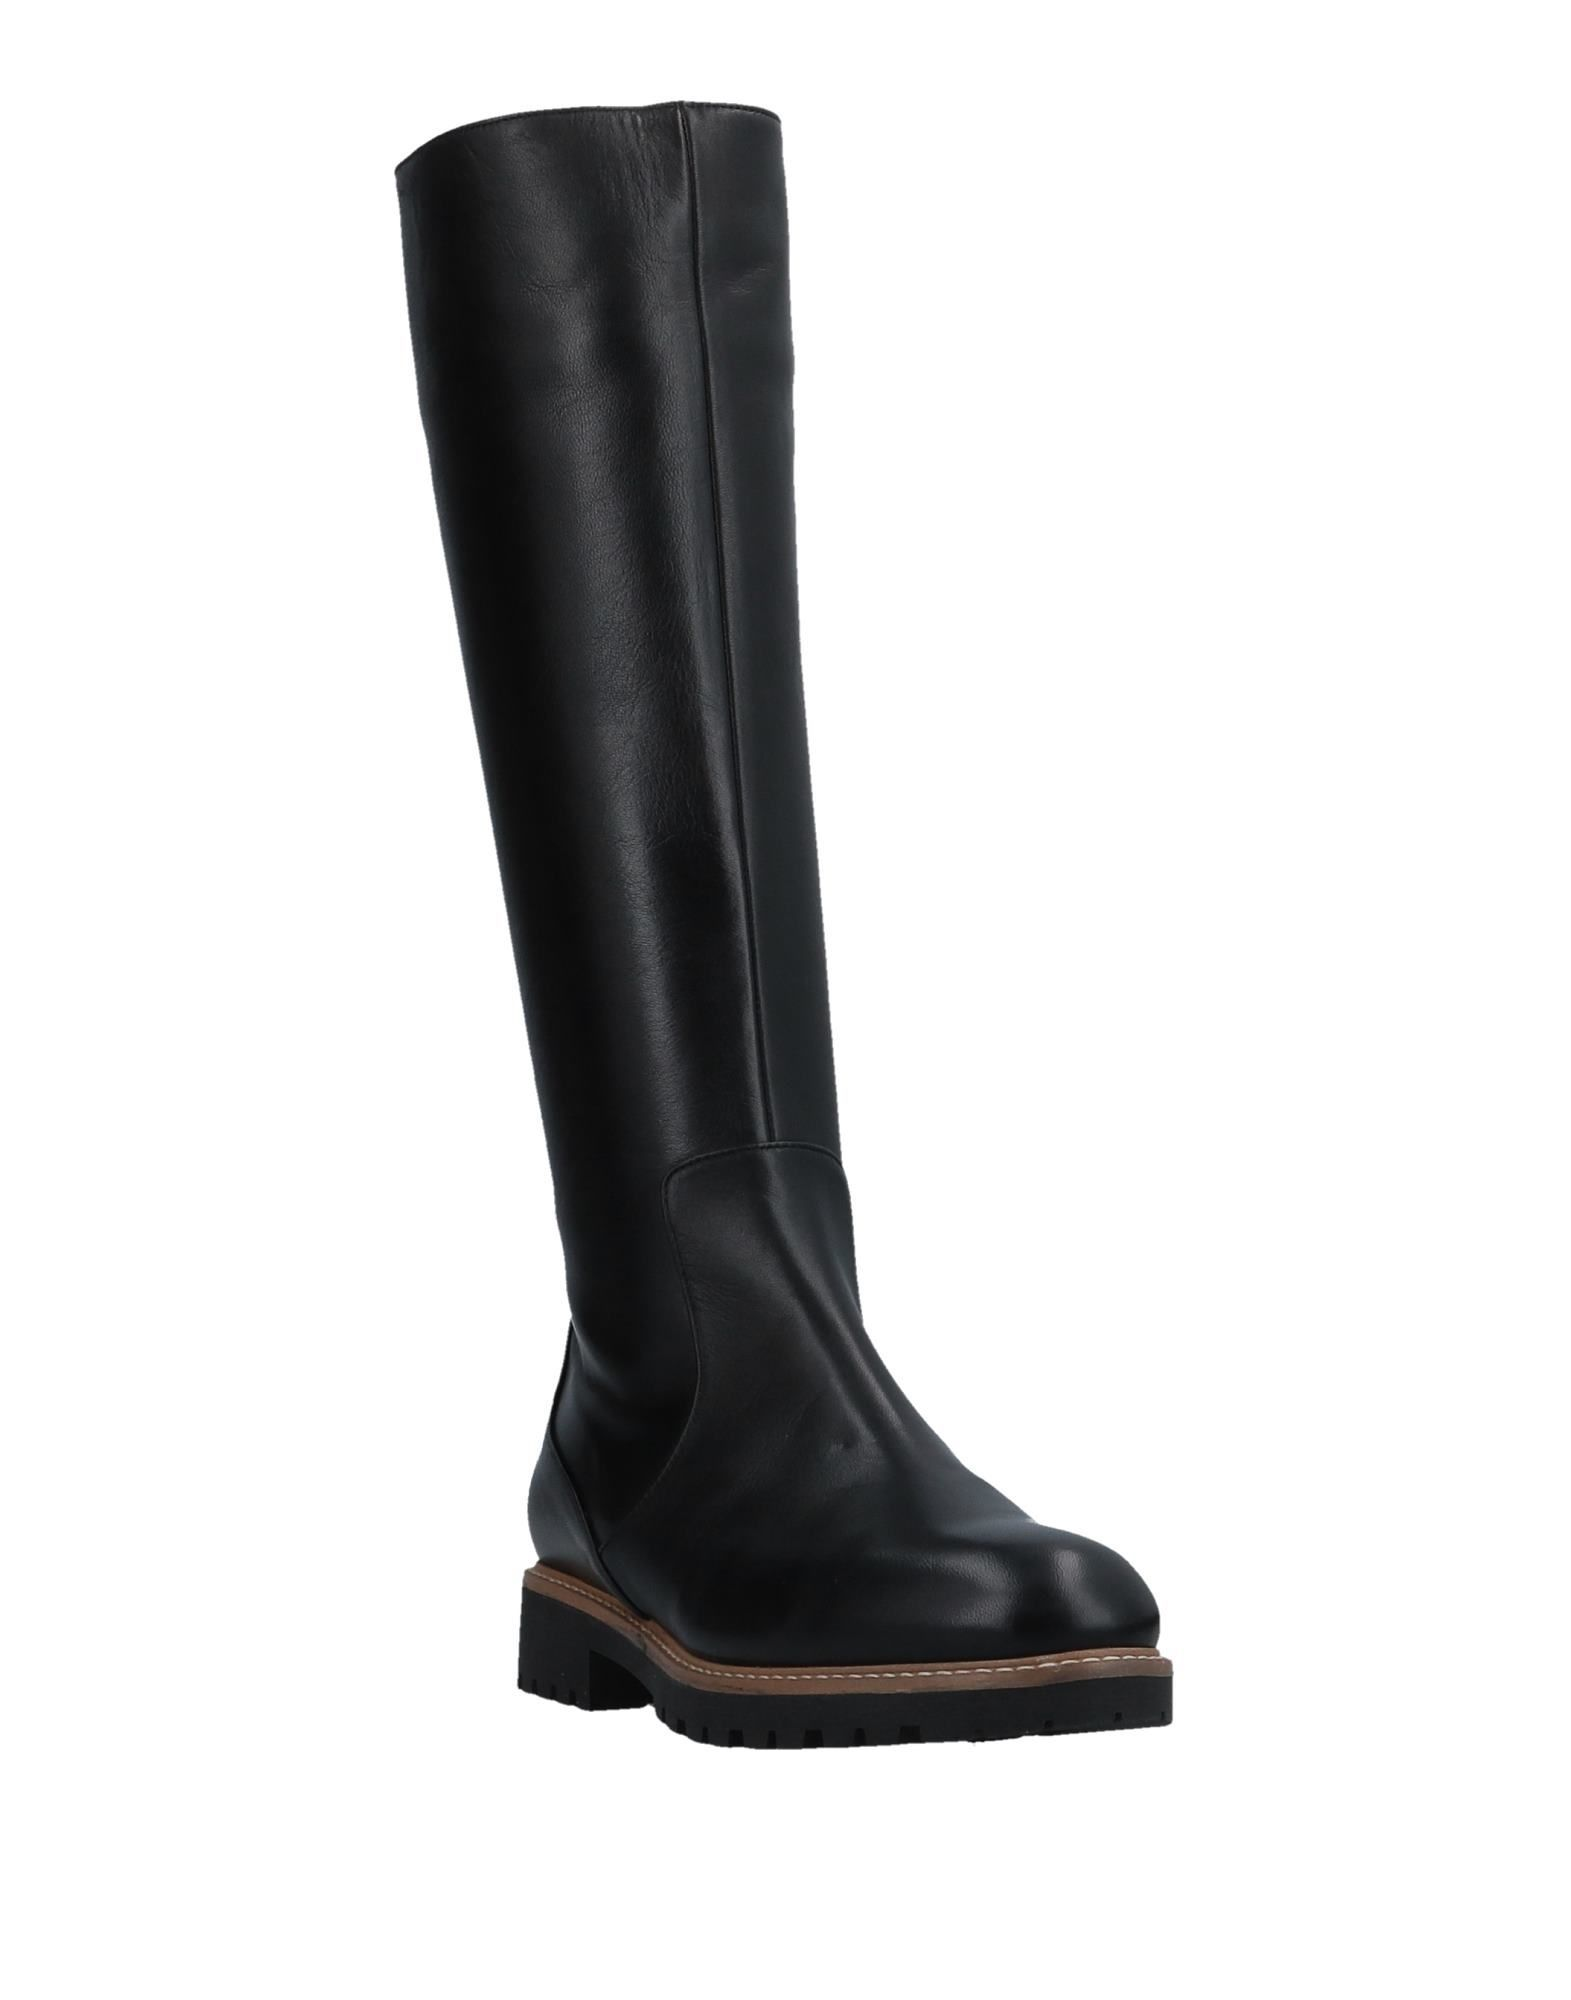 FOOTWEAR Fiorangelo Black Woman Leather